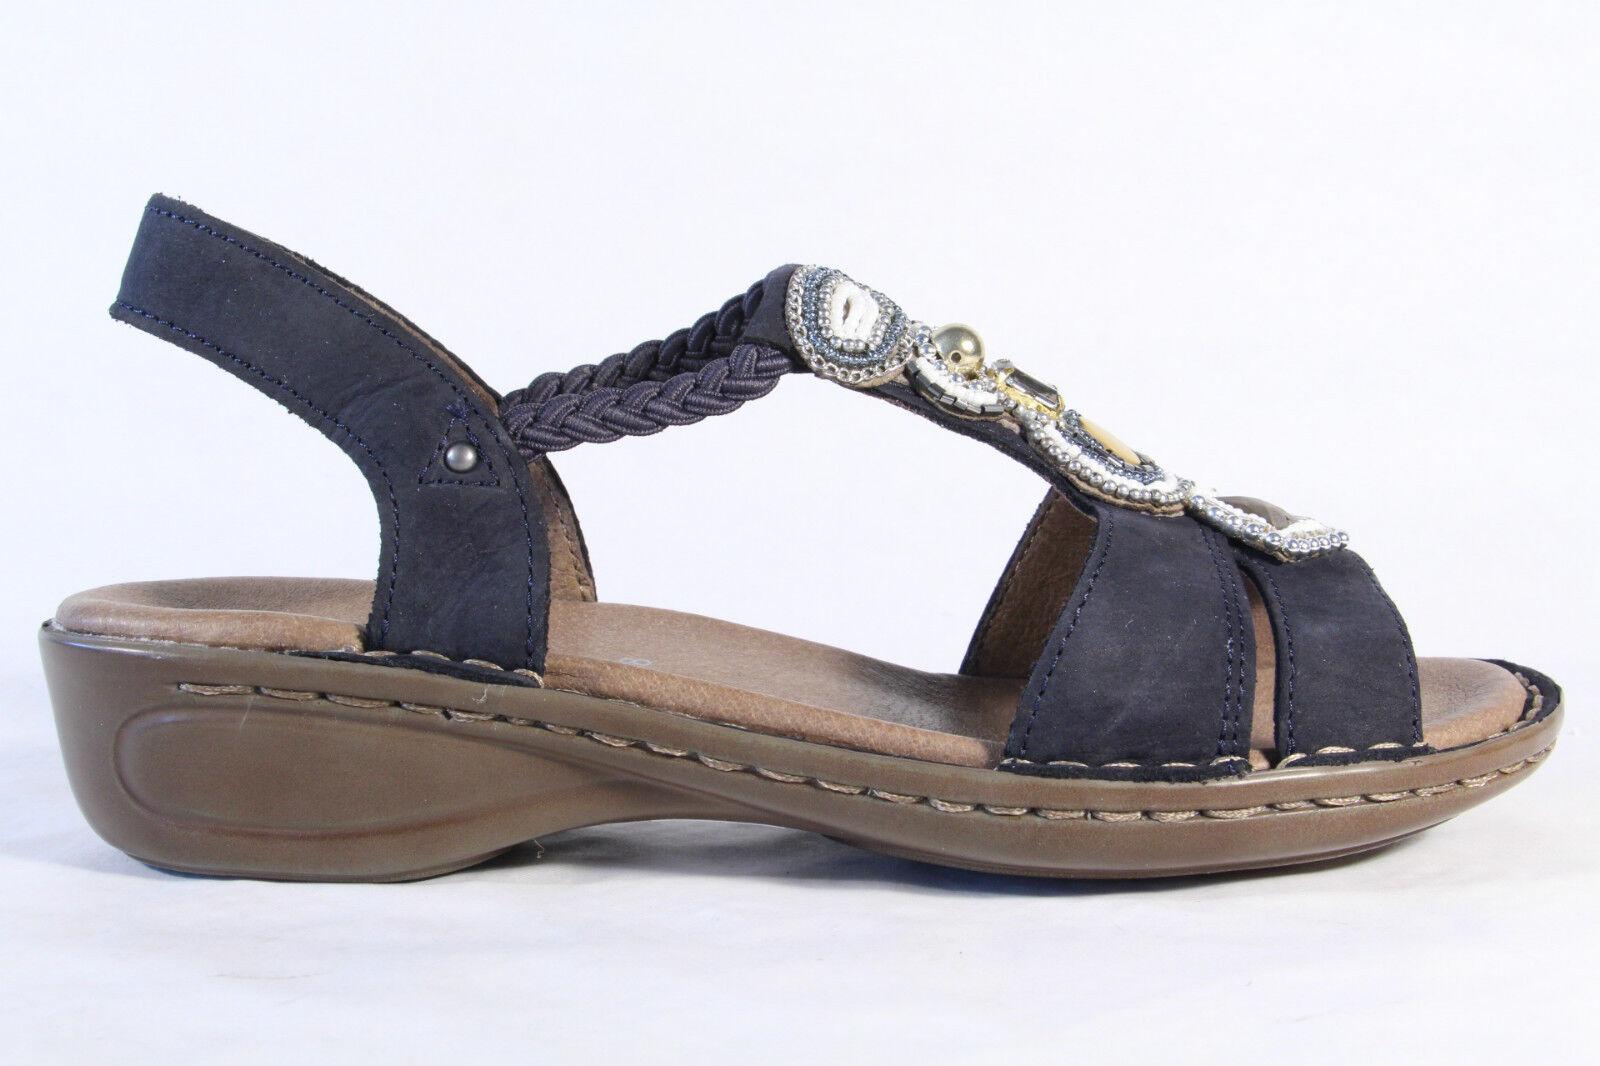 Ara Sandale Sandalette Leder, Leder, Leder, blau Gummizug NEU  e8973a